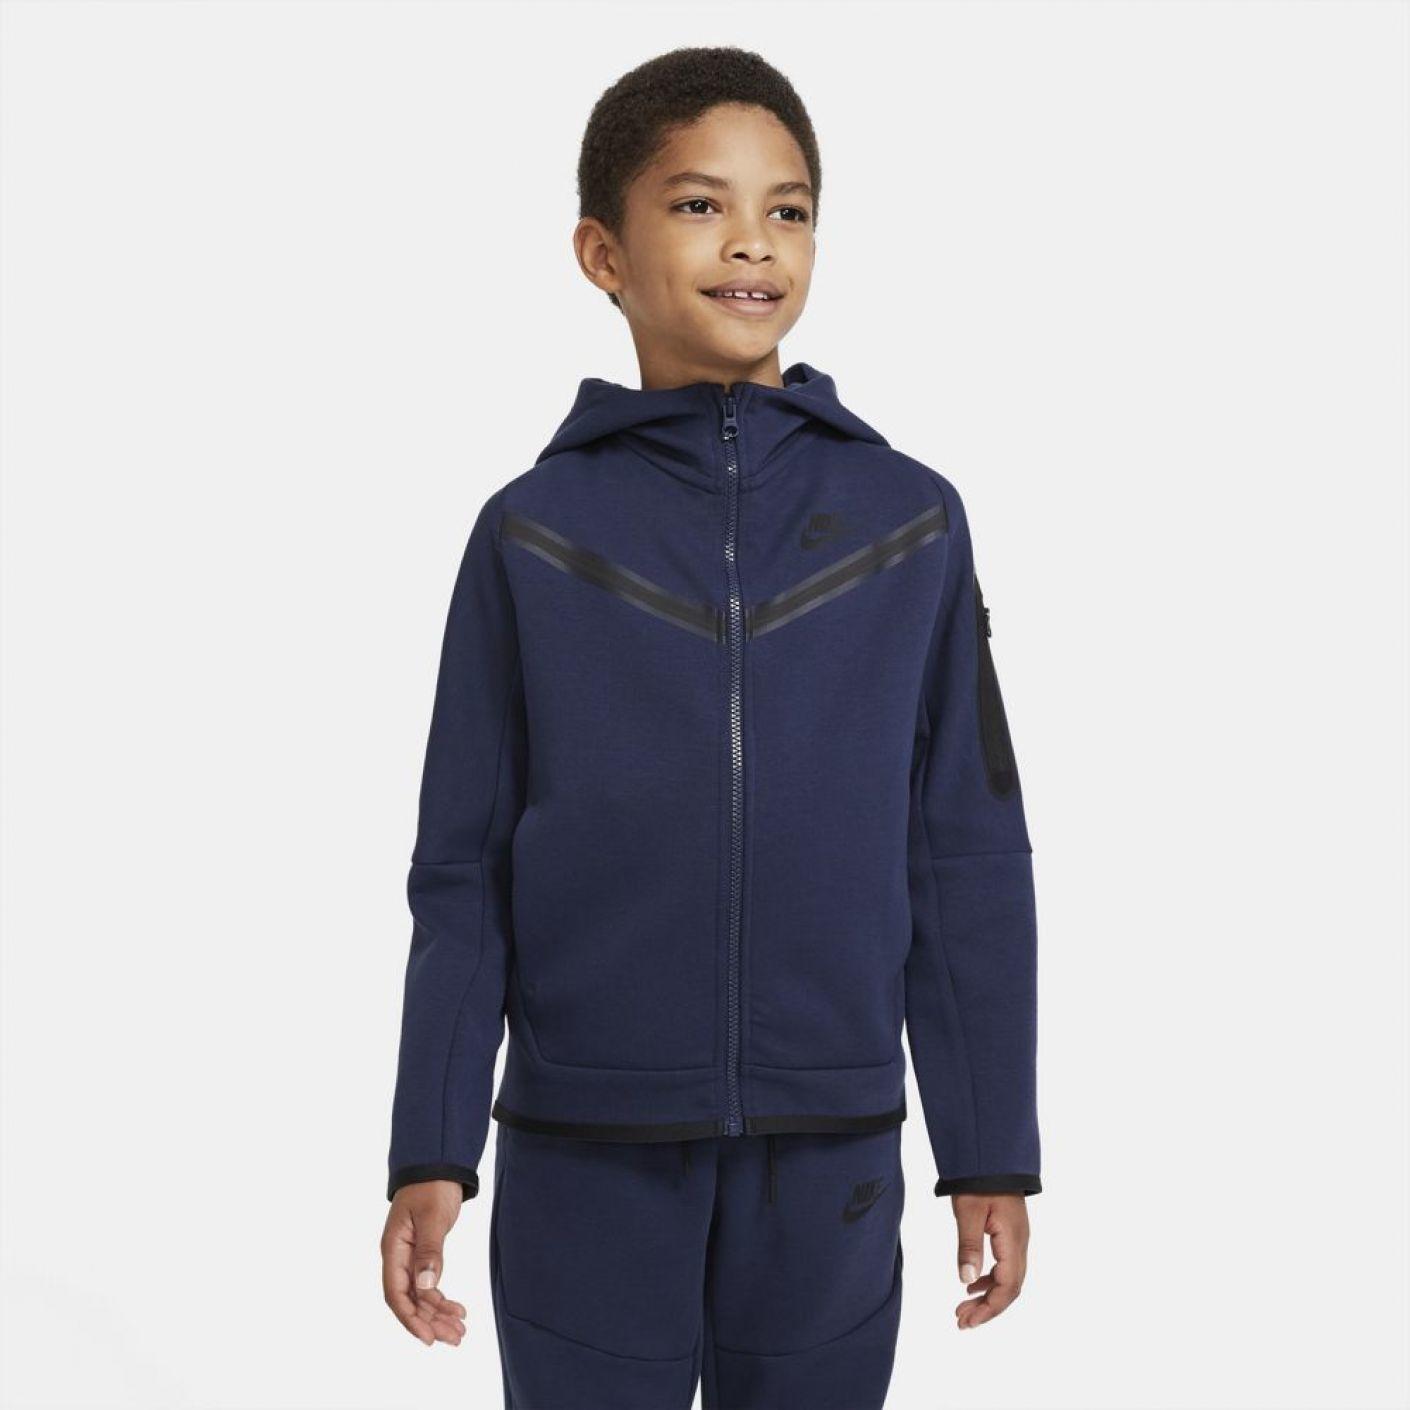 Nike Tech Fleece Windrunner donker blauw Kids